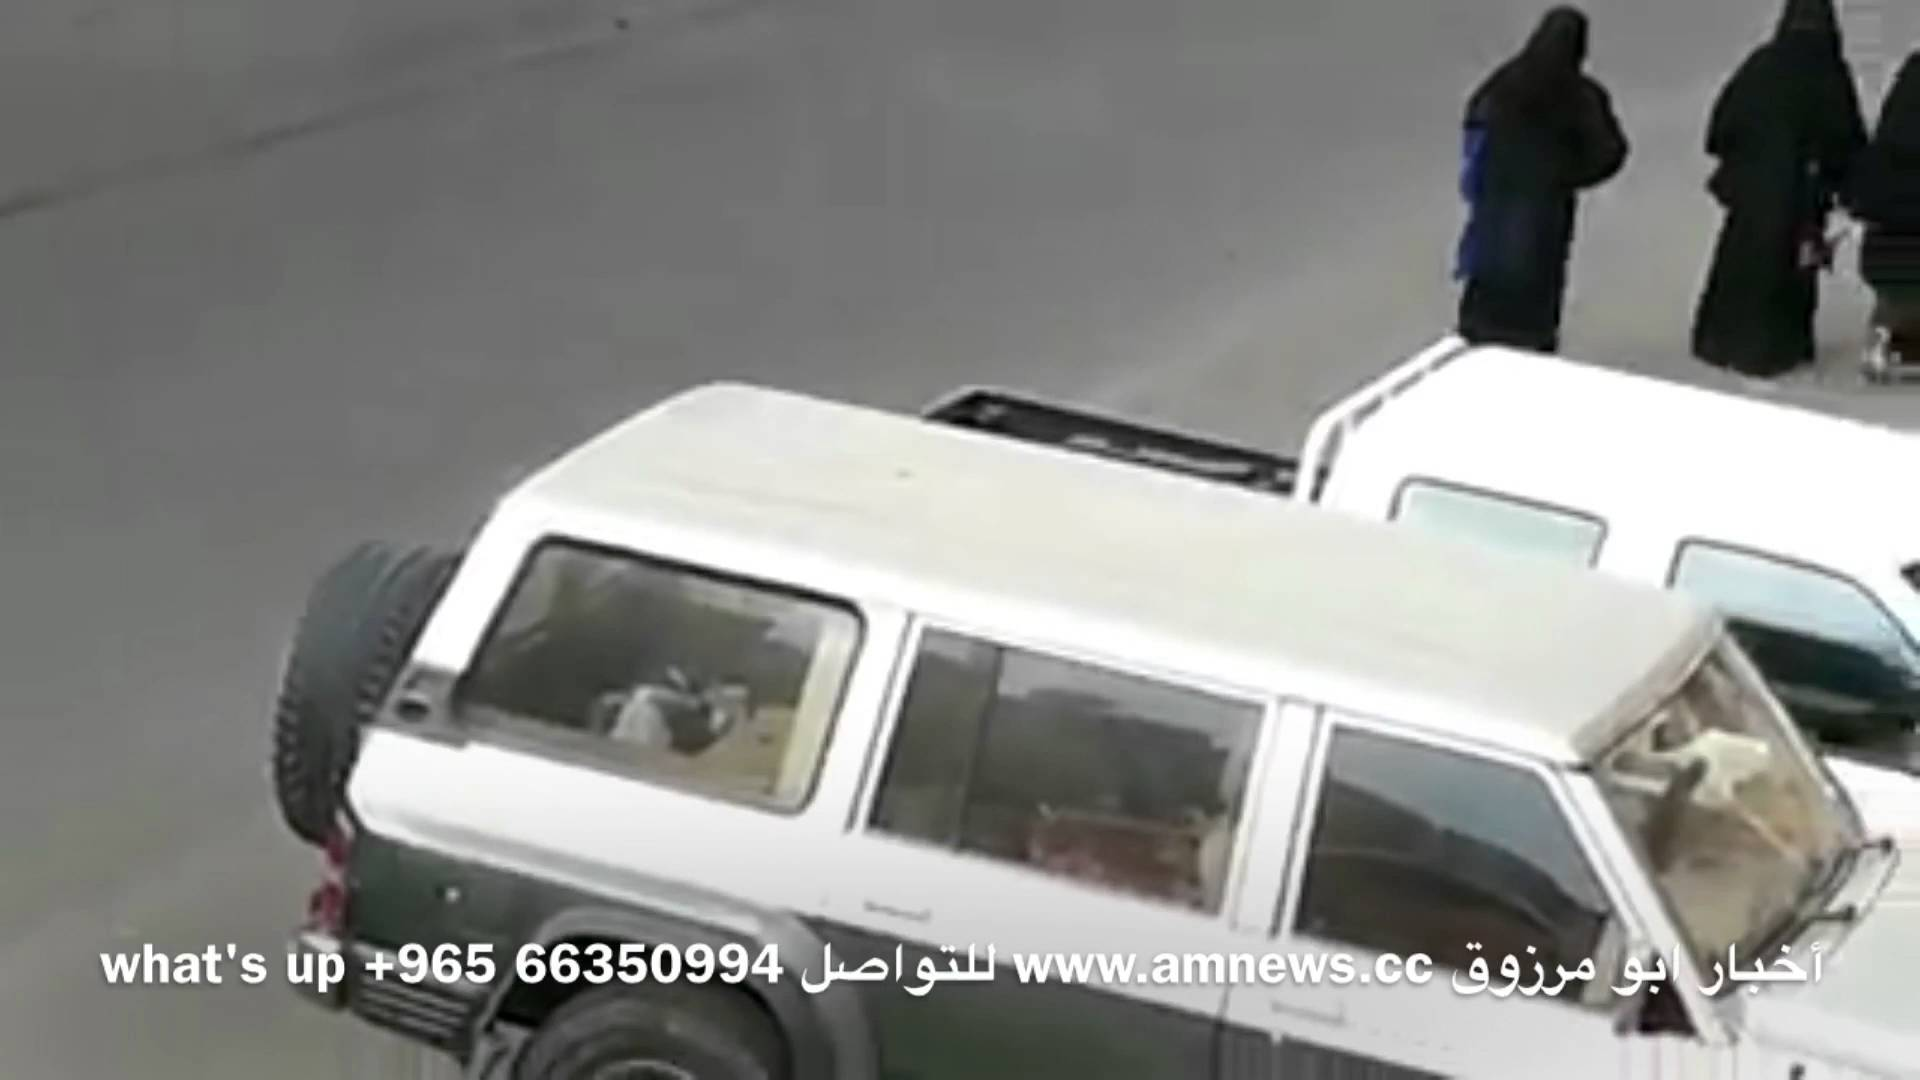 فيديو.. توقيف أبطال واقعة تحرش جماعي جرت بالسعودية